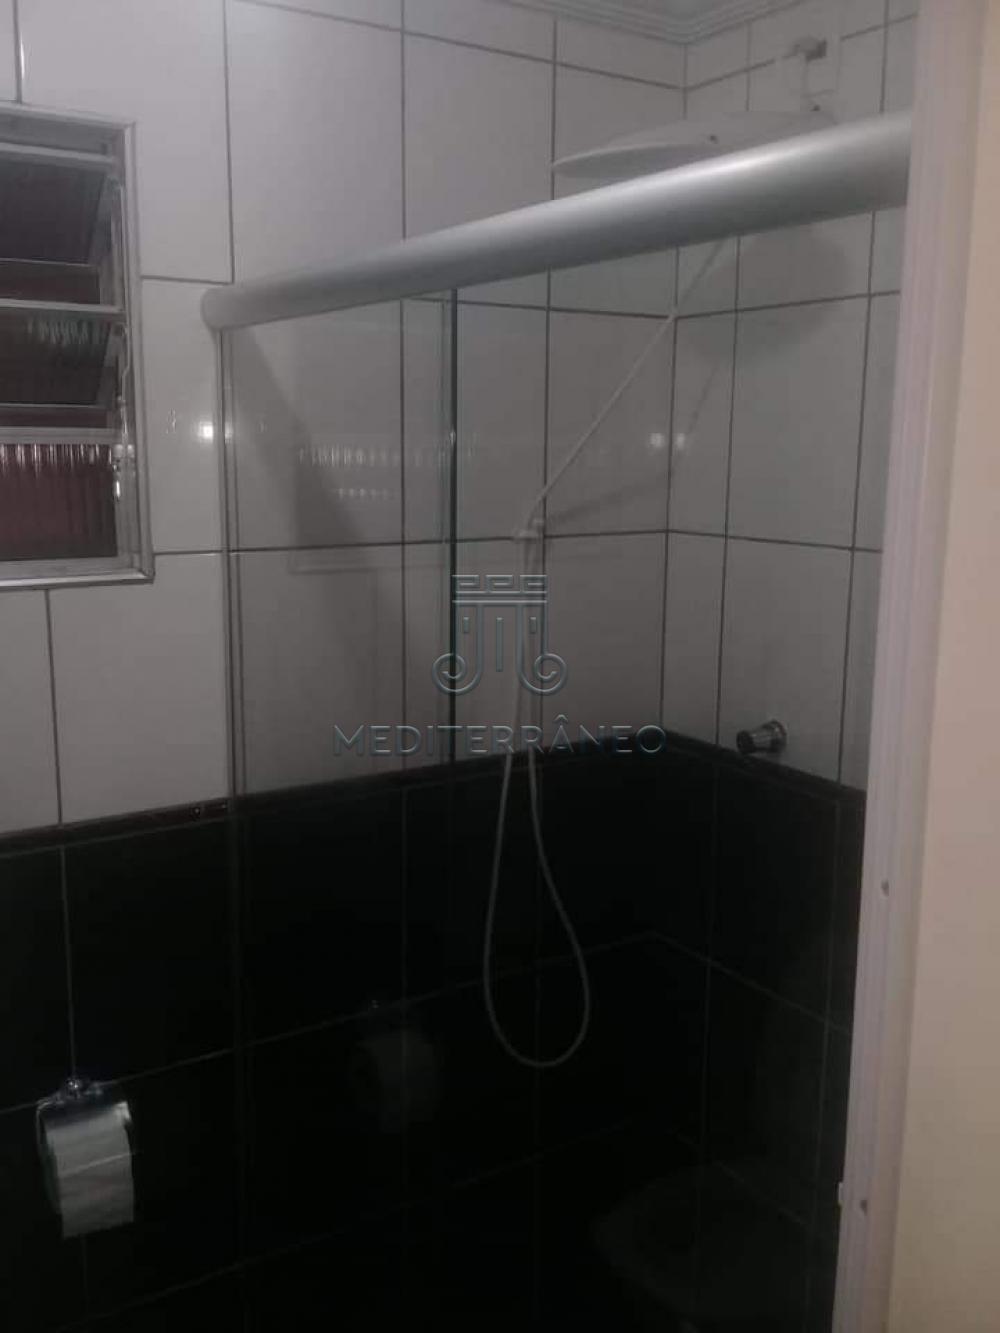 Comprar Apartamento / Padrão em Campo Limpo Paulista apenas R$ 200.000,00 - Foto 23